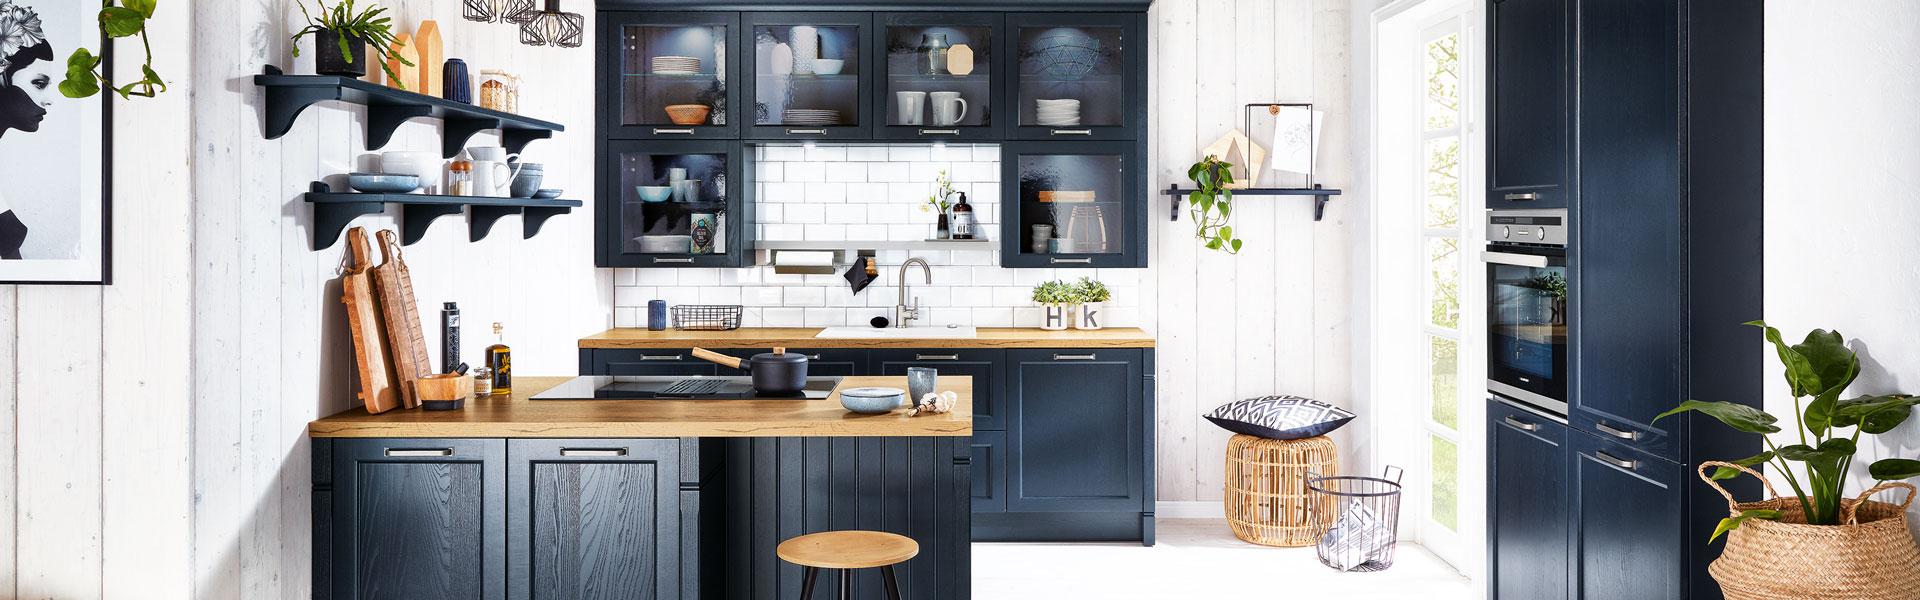 Blauwe klassieke keuken | Eigenhuis Keukens